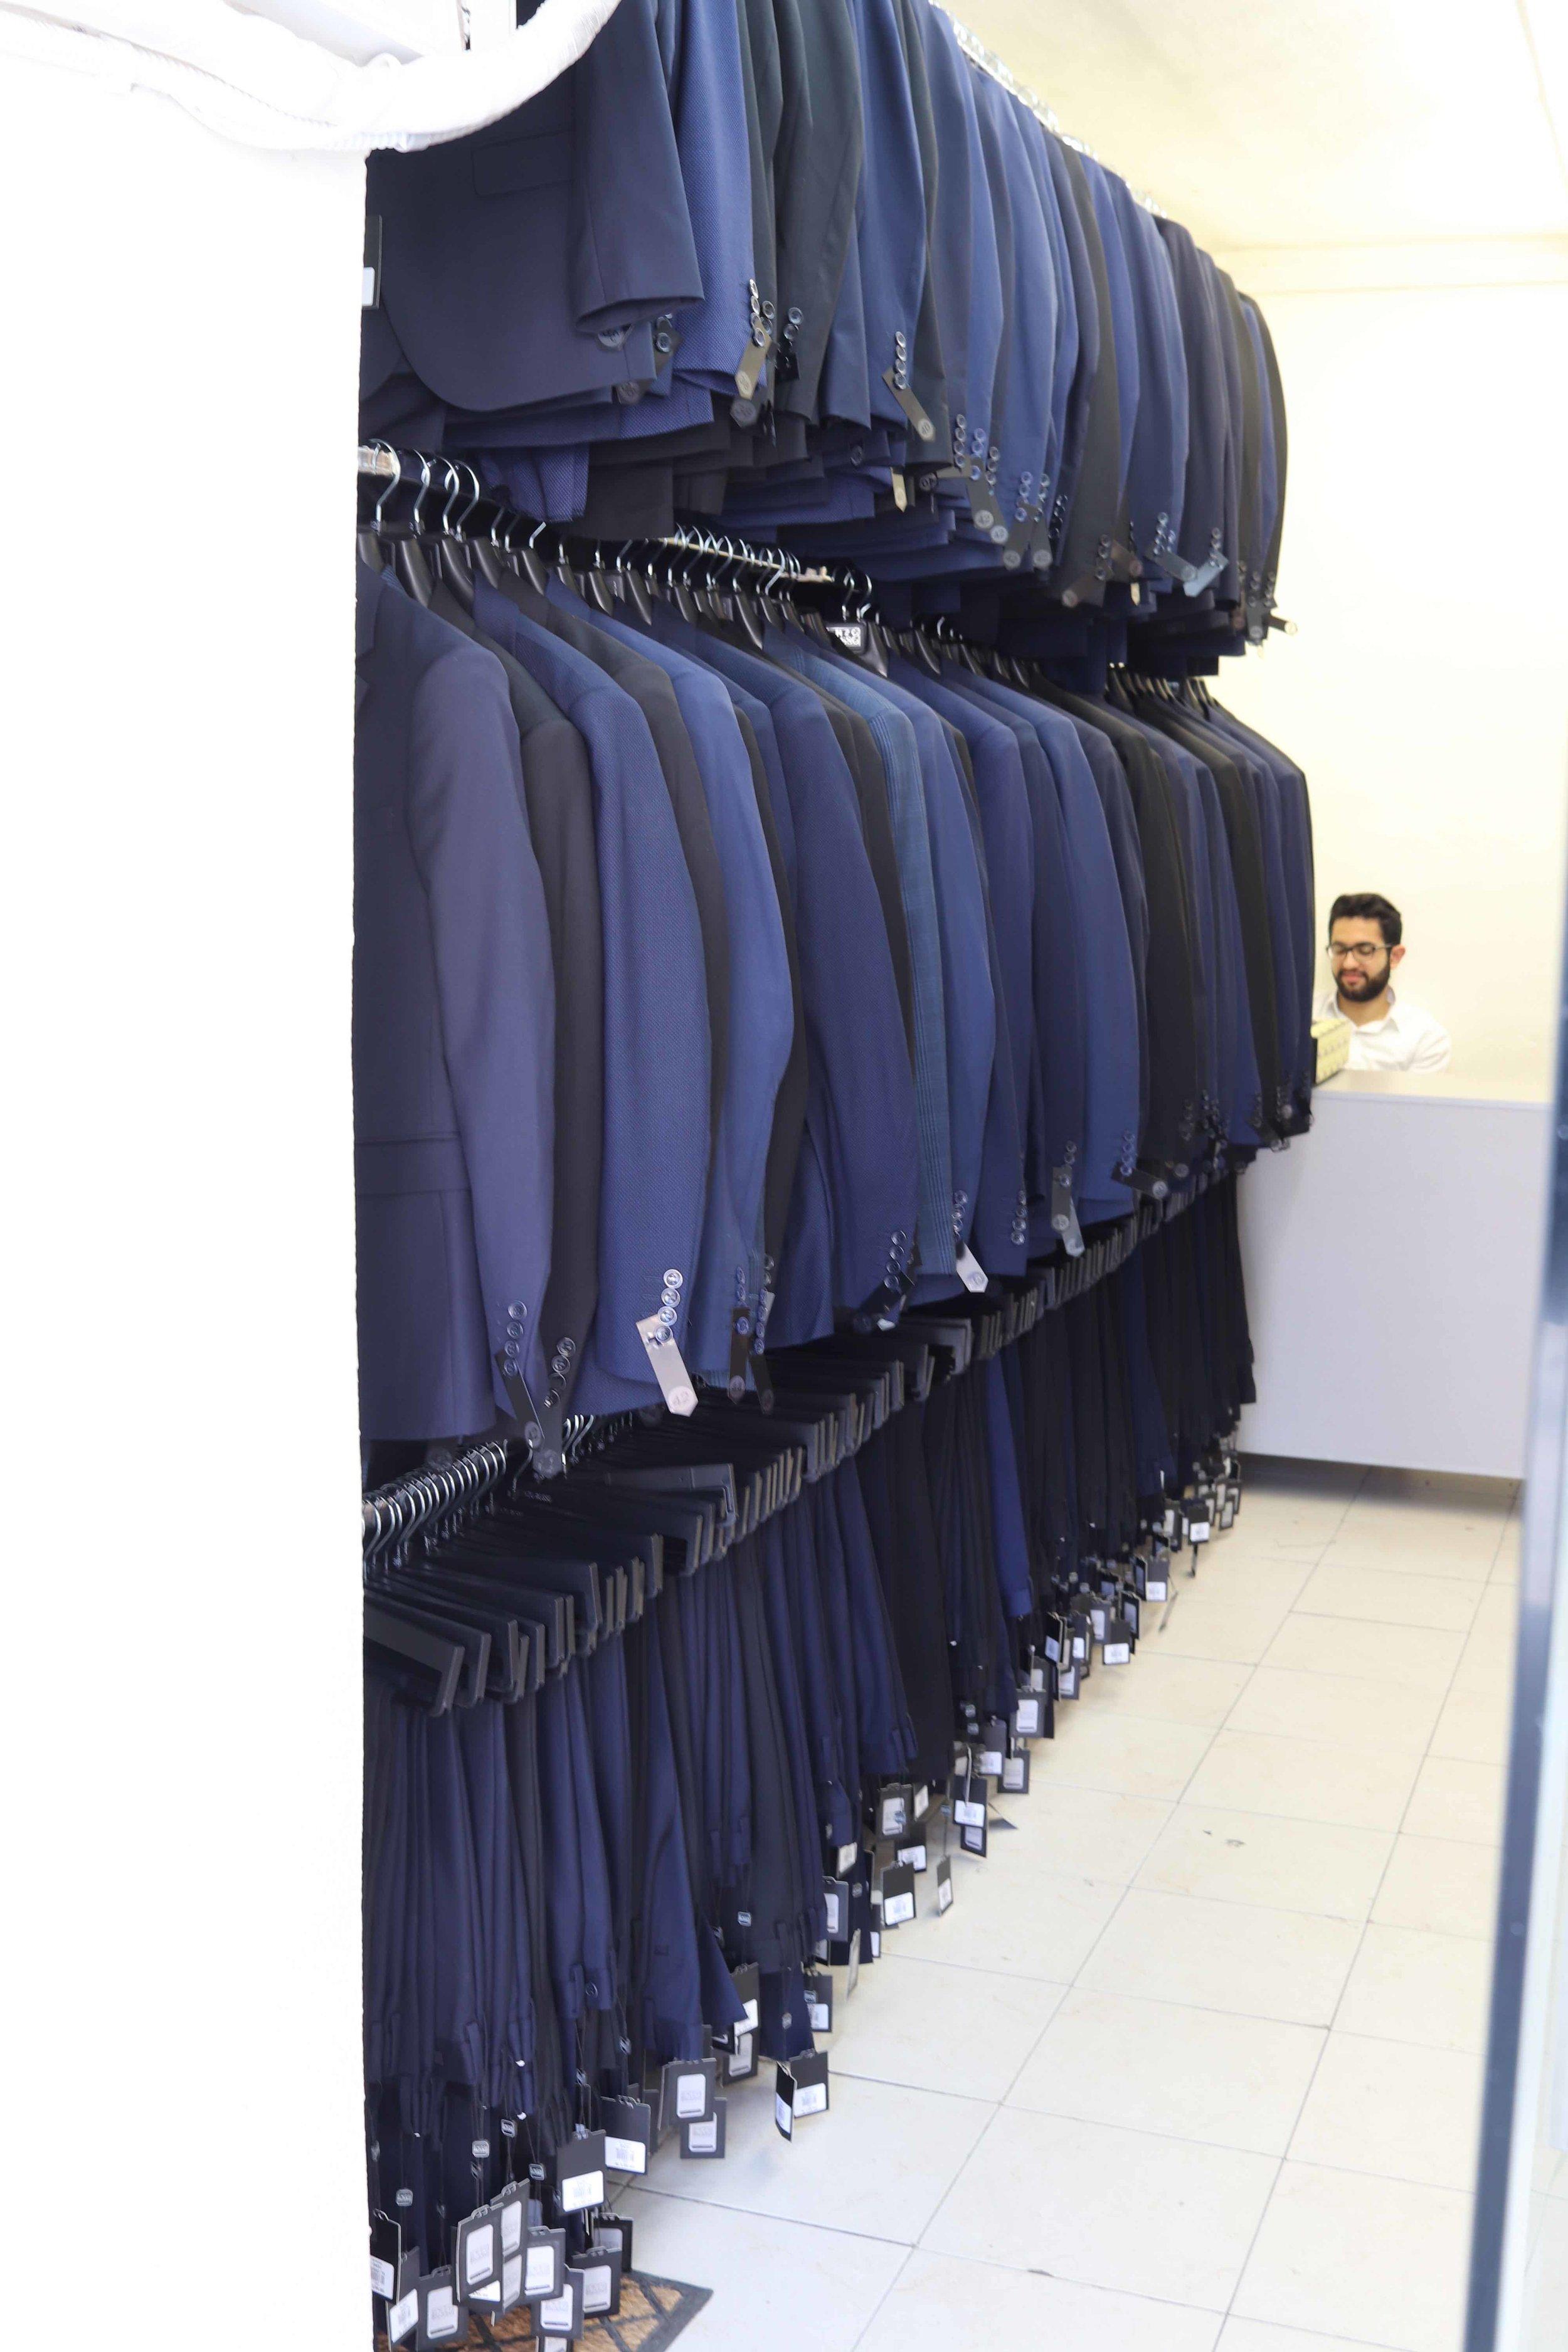 IMG_1383 lower quality moshe behind coats.jpg